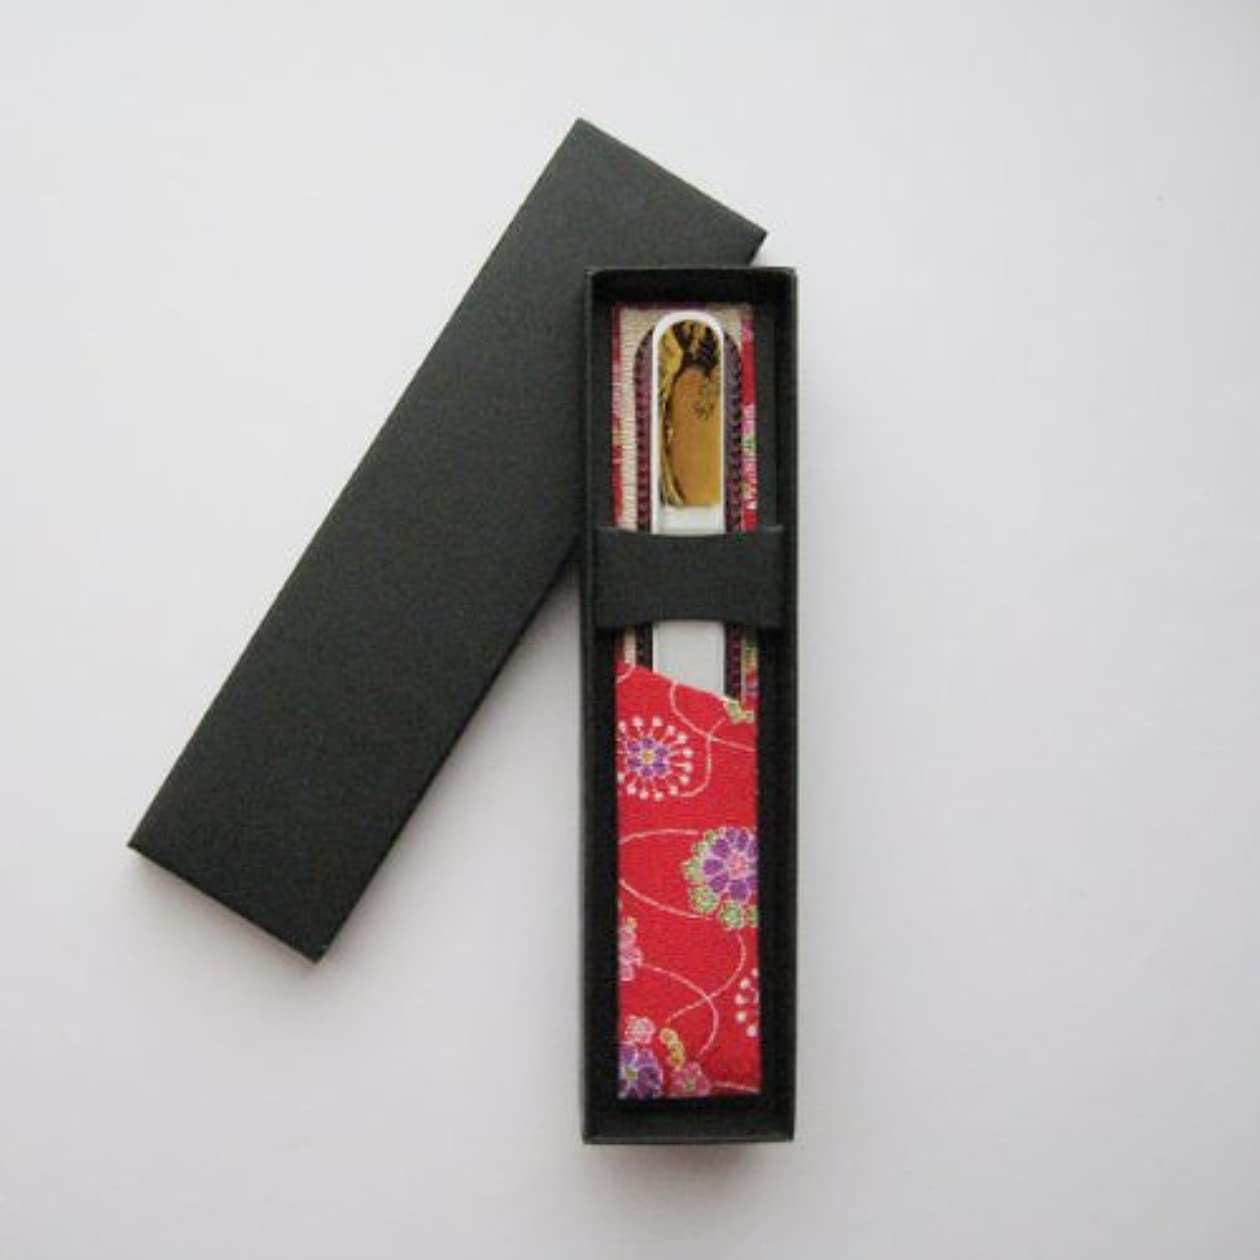 メタルラインスタジアムボード橋本漆芸 ブラジェク製高級爪ヤスリ 特殊プリント加工 波裏 紙箱